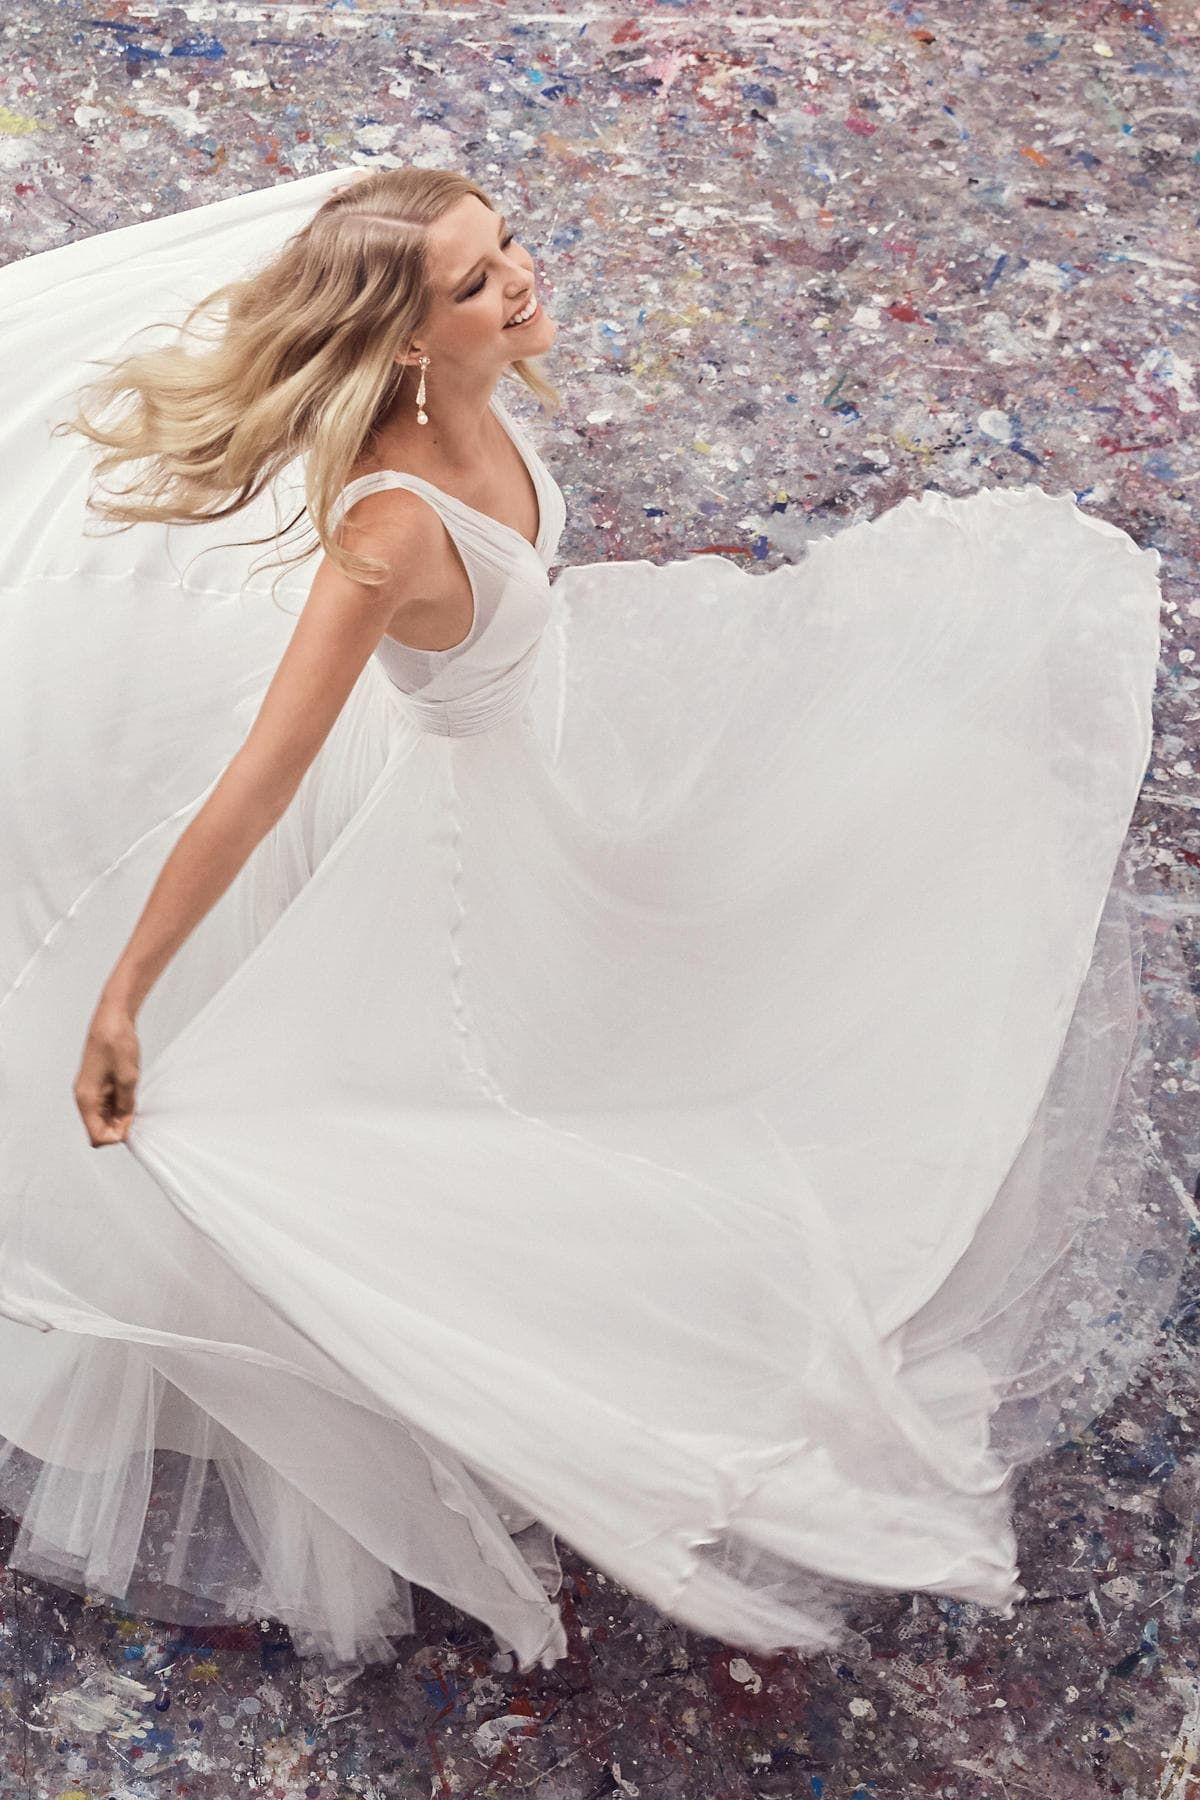 Berühmt Hochzeitskleid Pinterest Bilder - Brautkleider Ideen ...